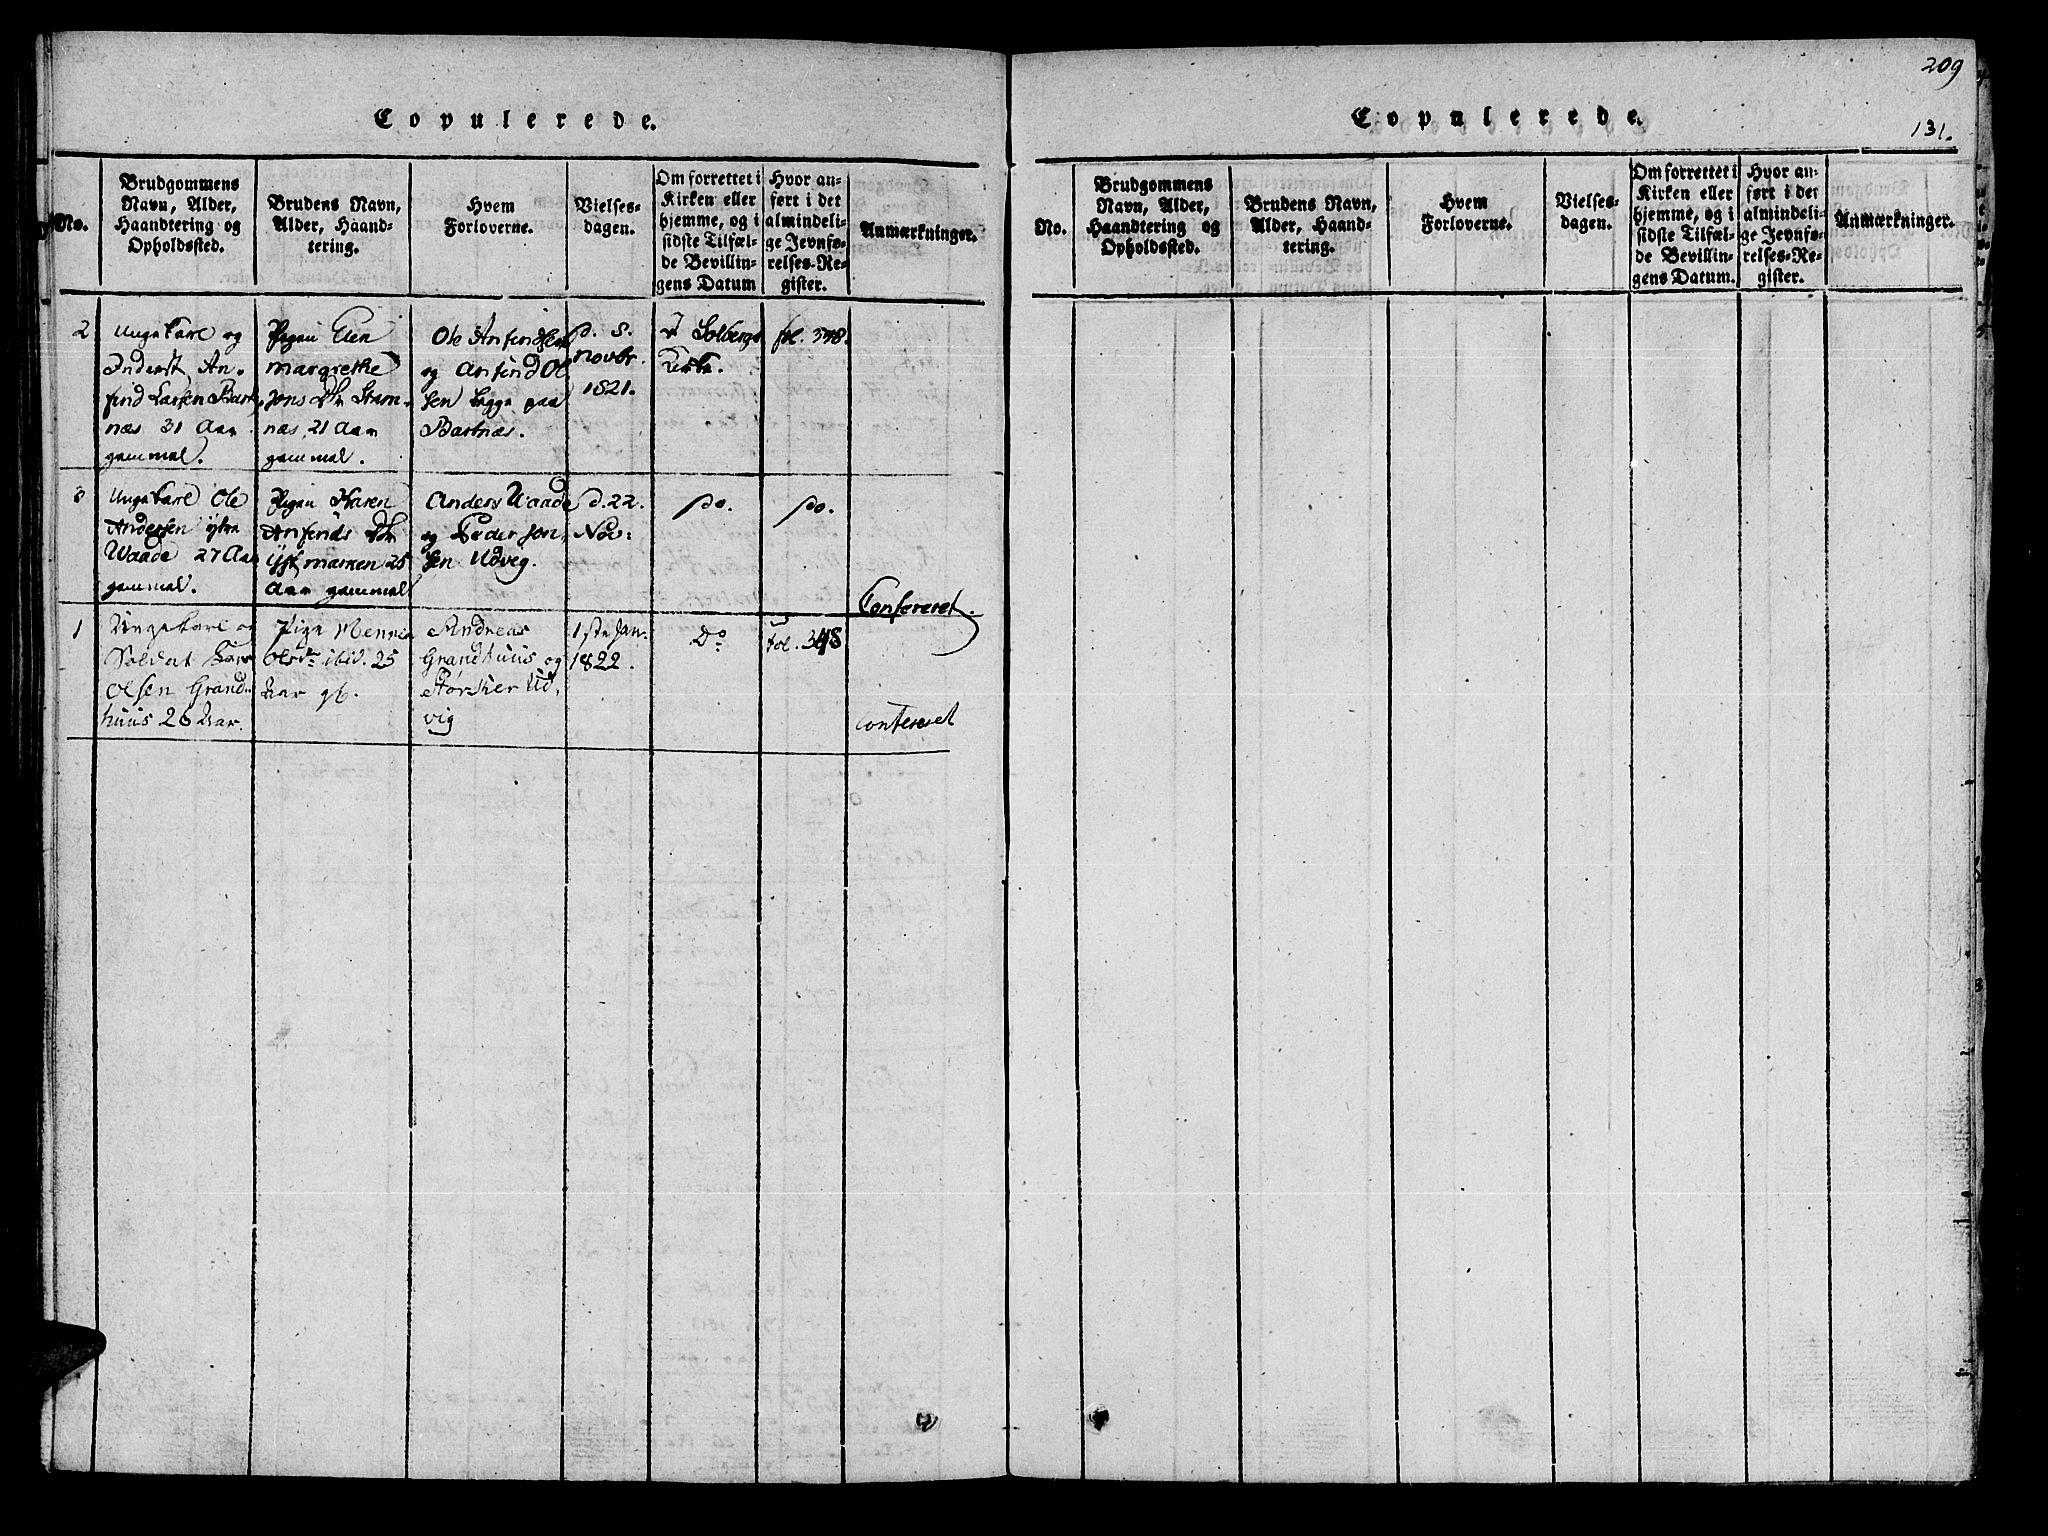 SAT, Ministerialprotokoller, klokkerbøker og fødselsregistre - Nord-Trøndelag, 741/L0387: Ministerialbok nr. 741A03 /2, 1817-1822, s. 131